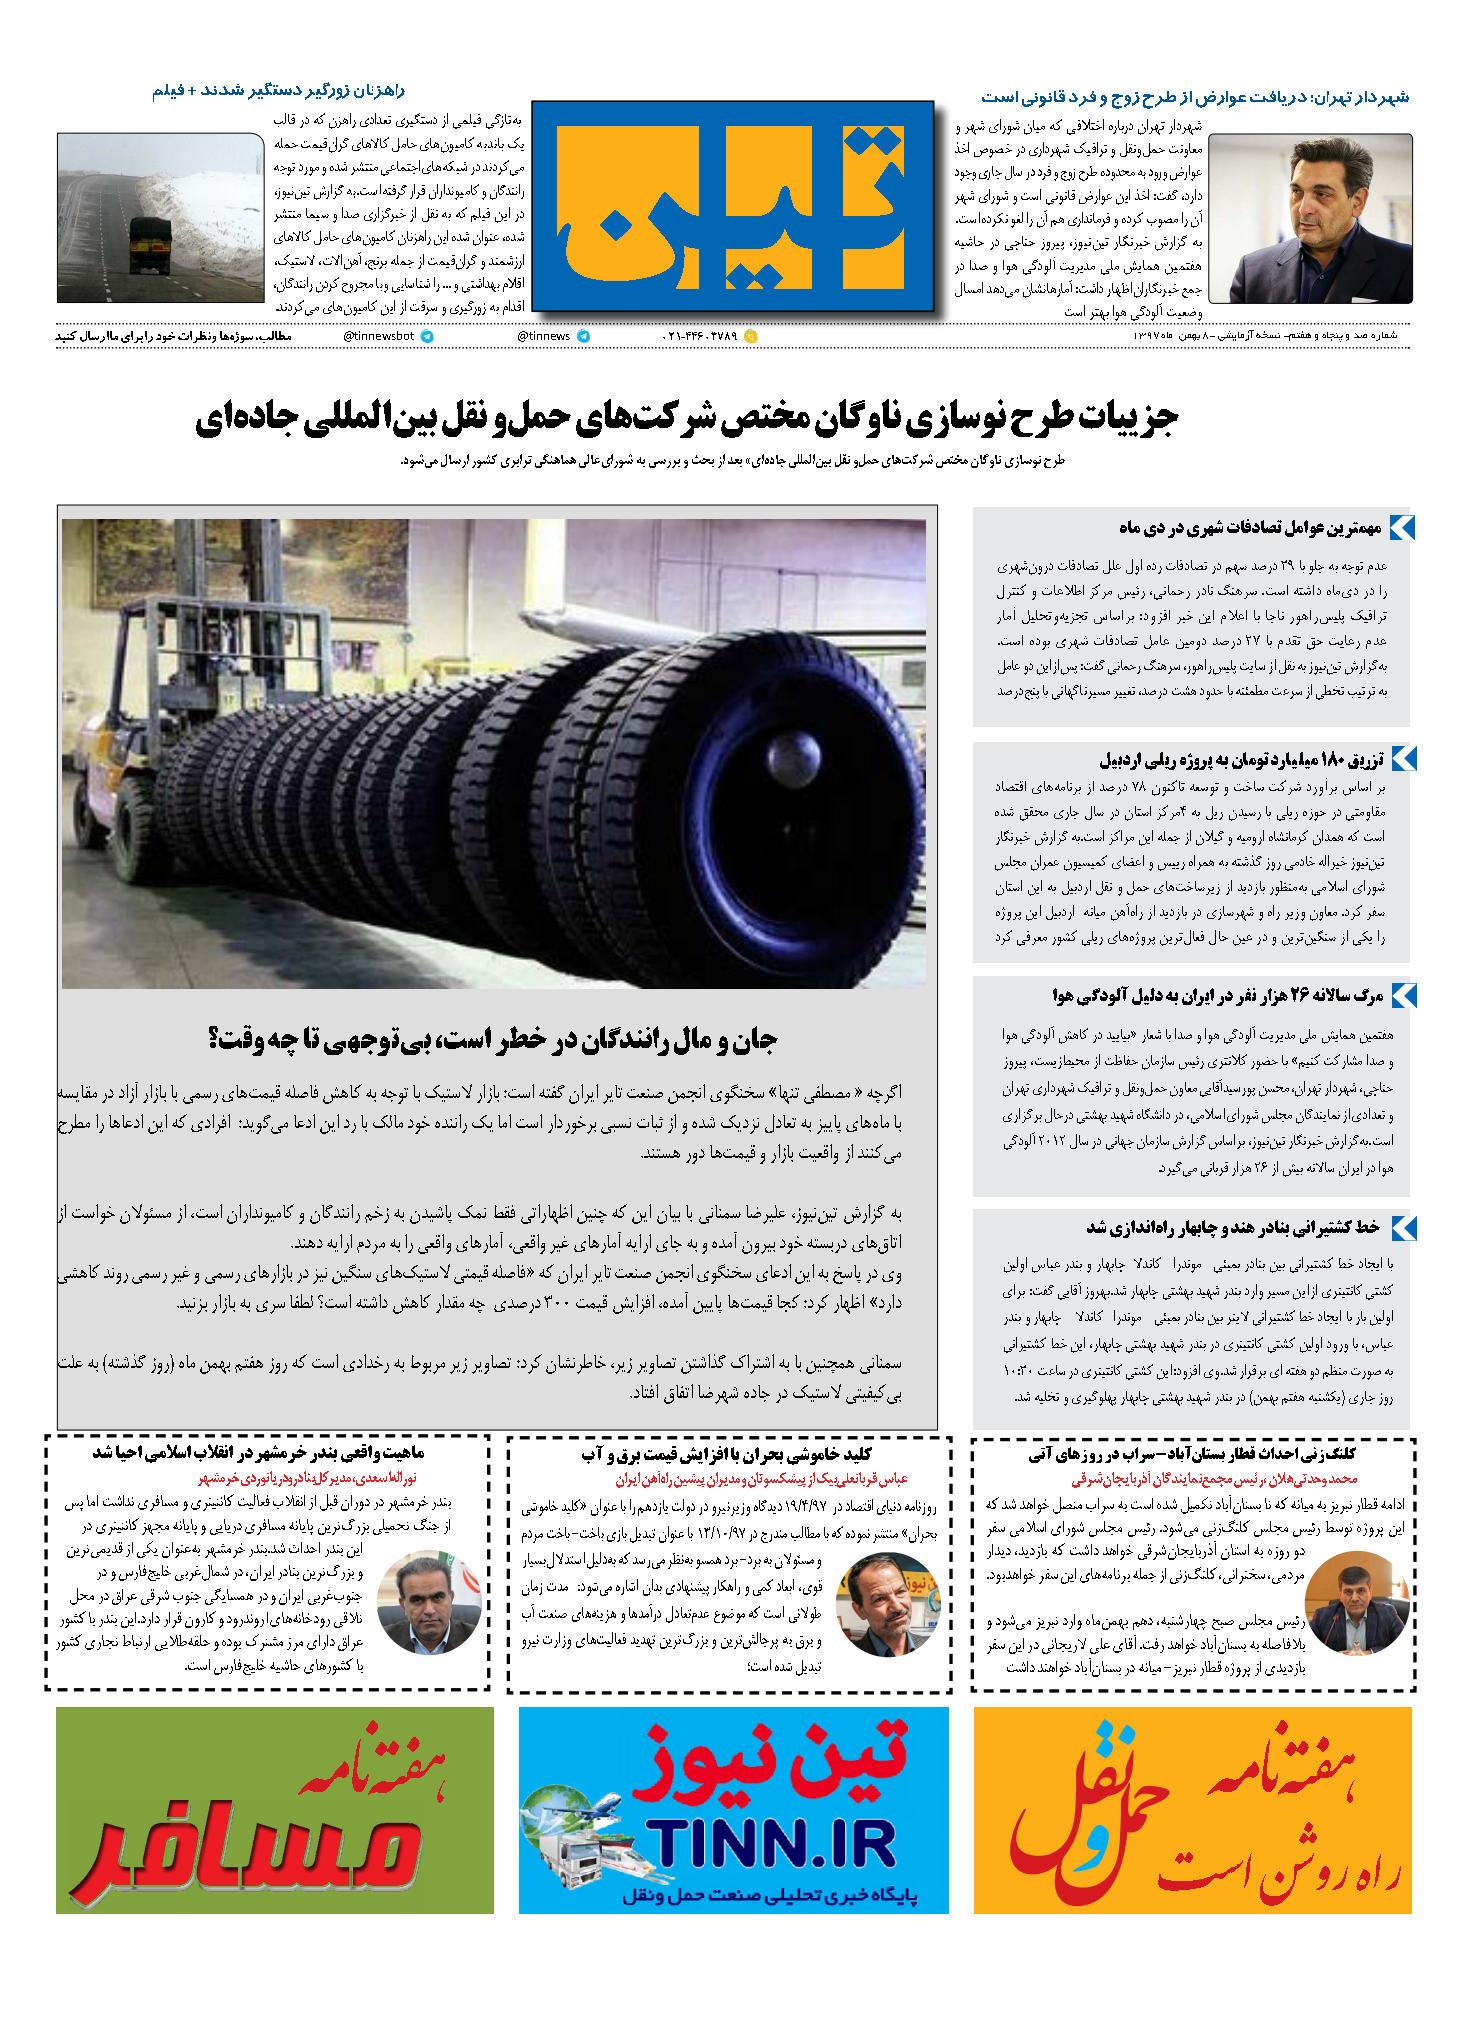 روزنامه الکترونیک 8 بهمن ماه 97